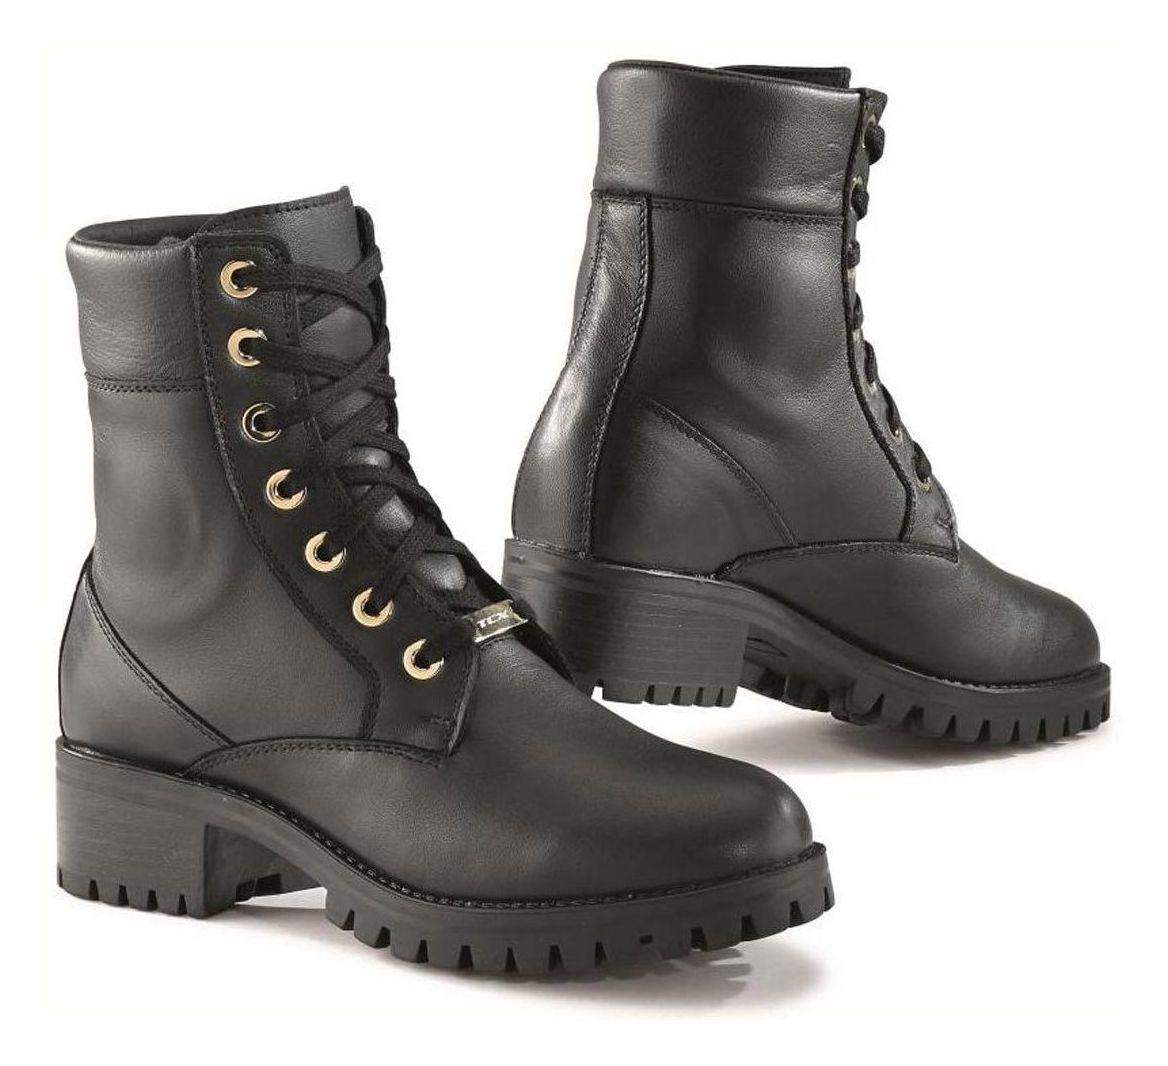 TCX Smoke Ladies Waterproof Boot